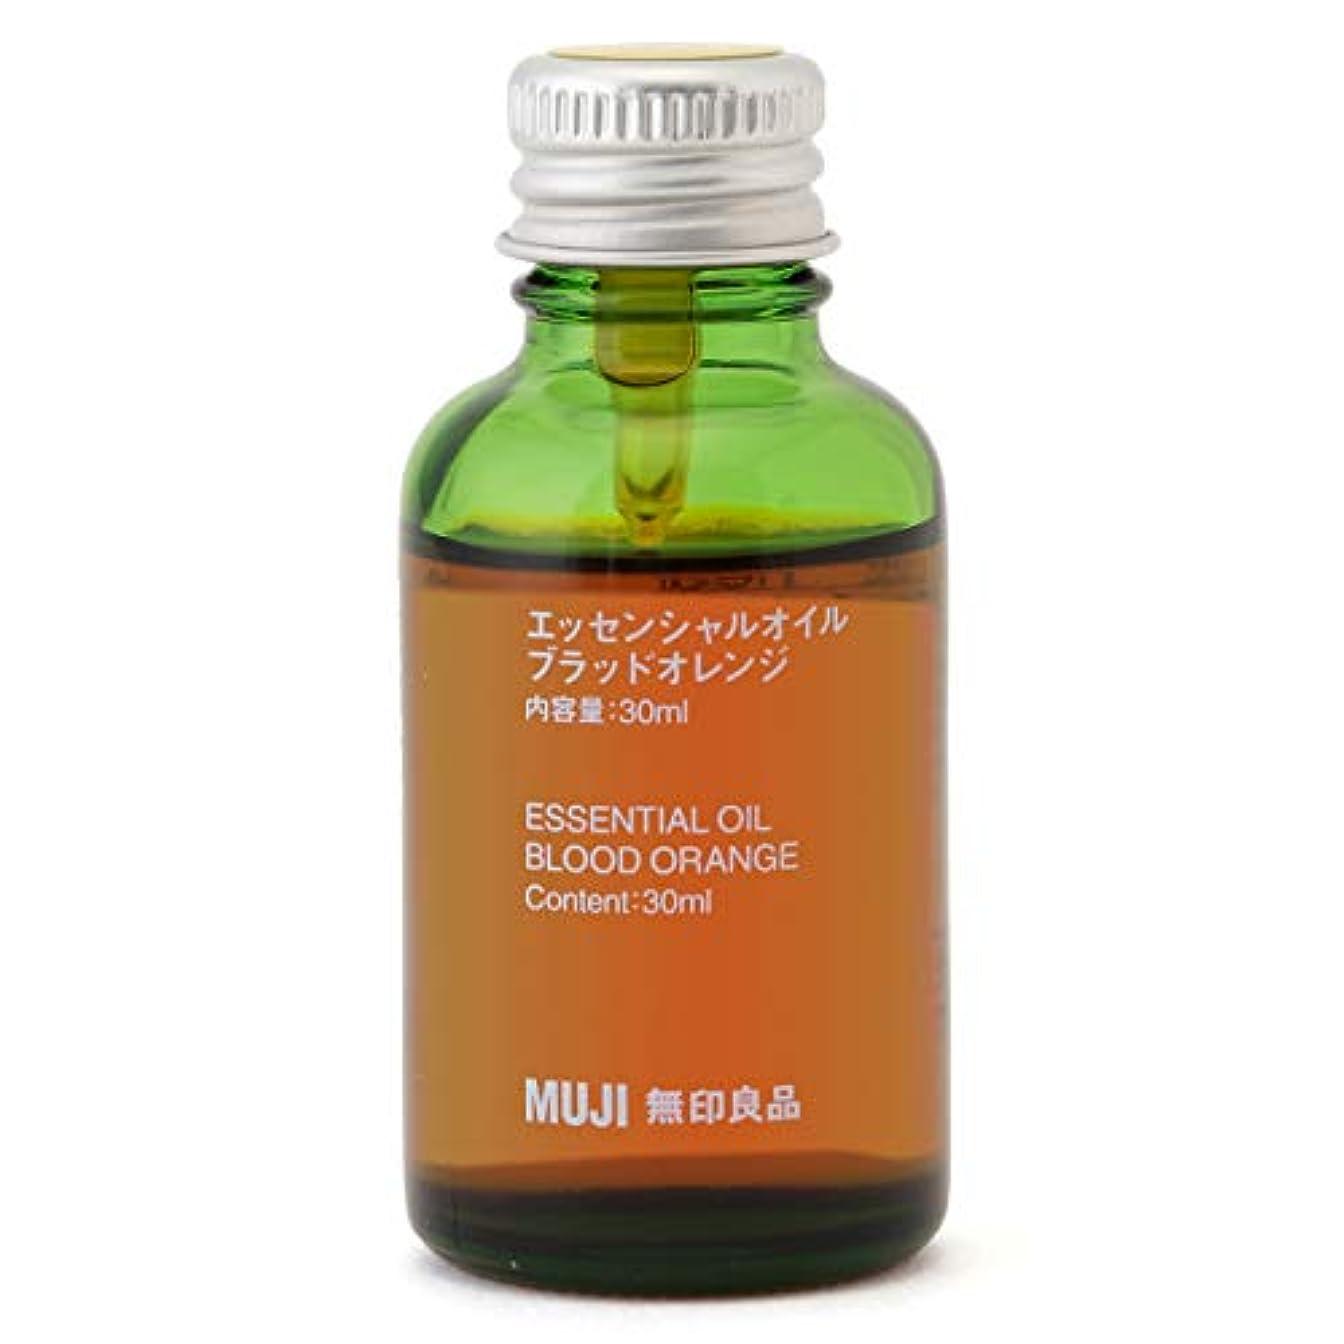 徹底ライター甘やかす【無印良品】エッセンシャルオイル30ml(ブラッドオレンジ)